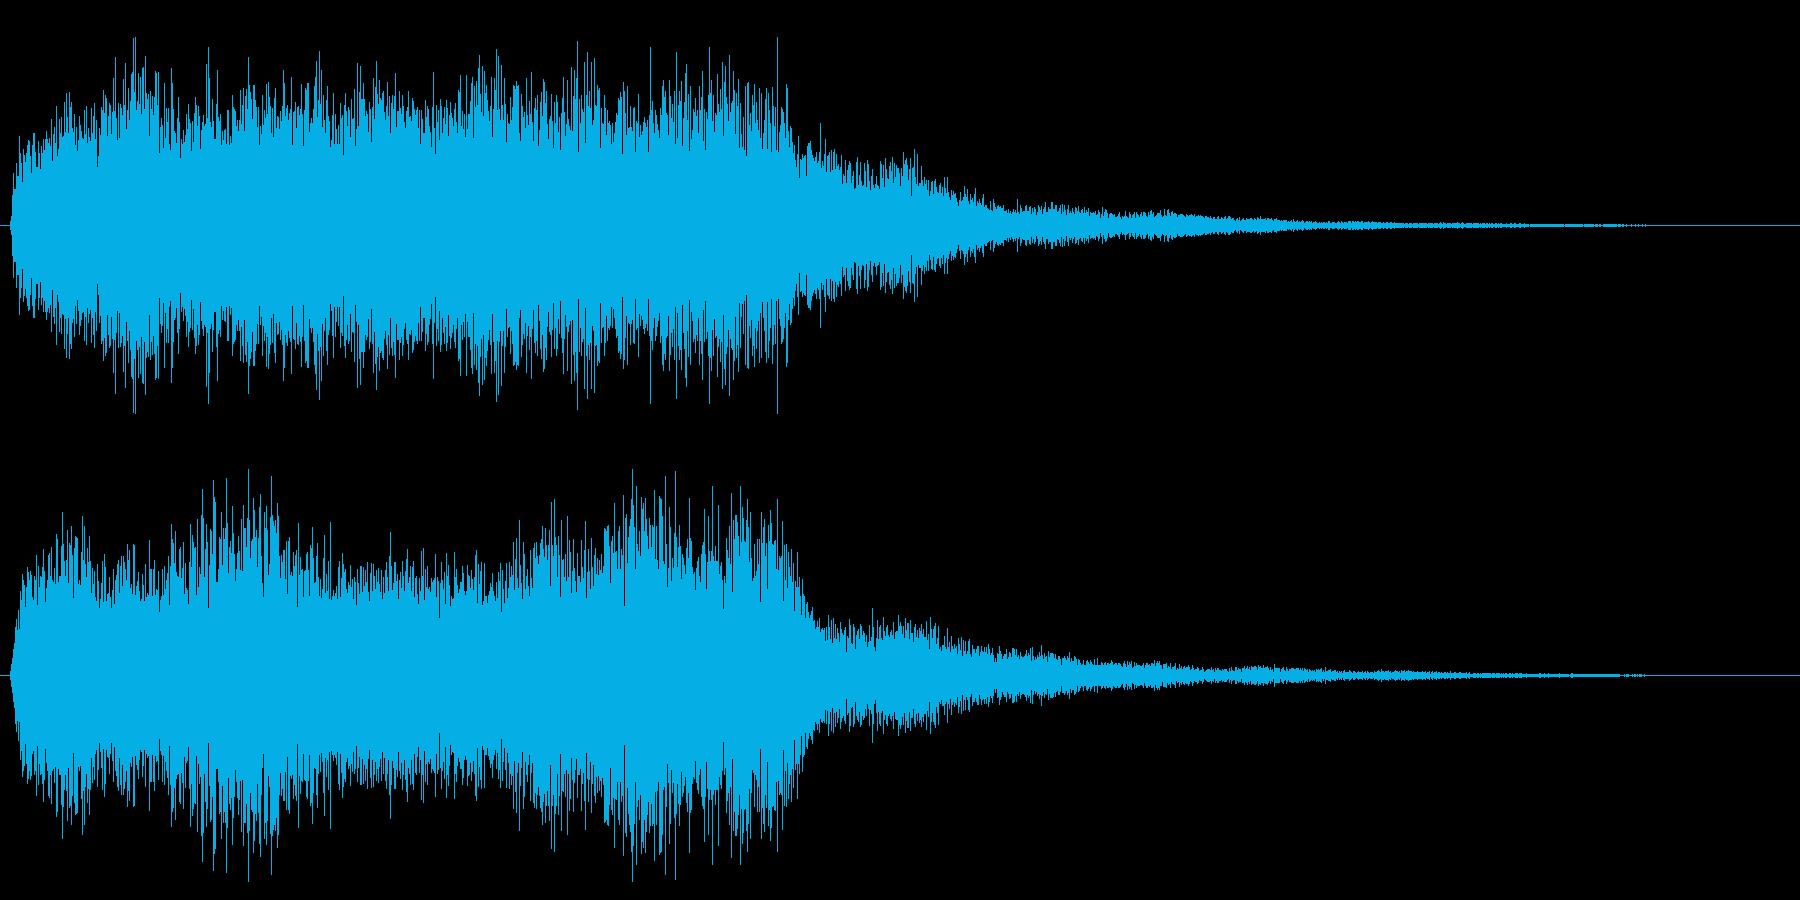 ハロウィン ホラー系 オルガン効果音の再生済みの波形